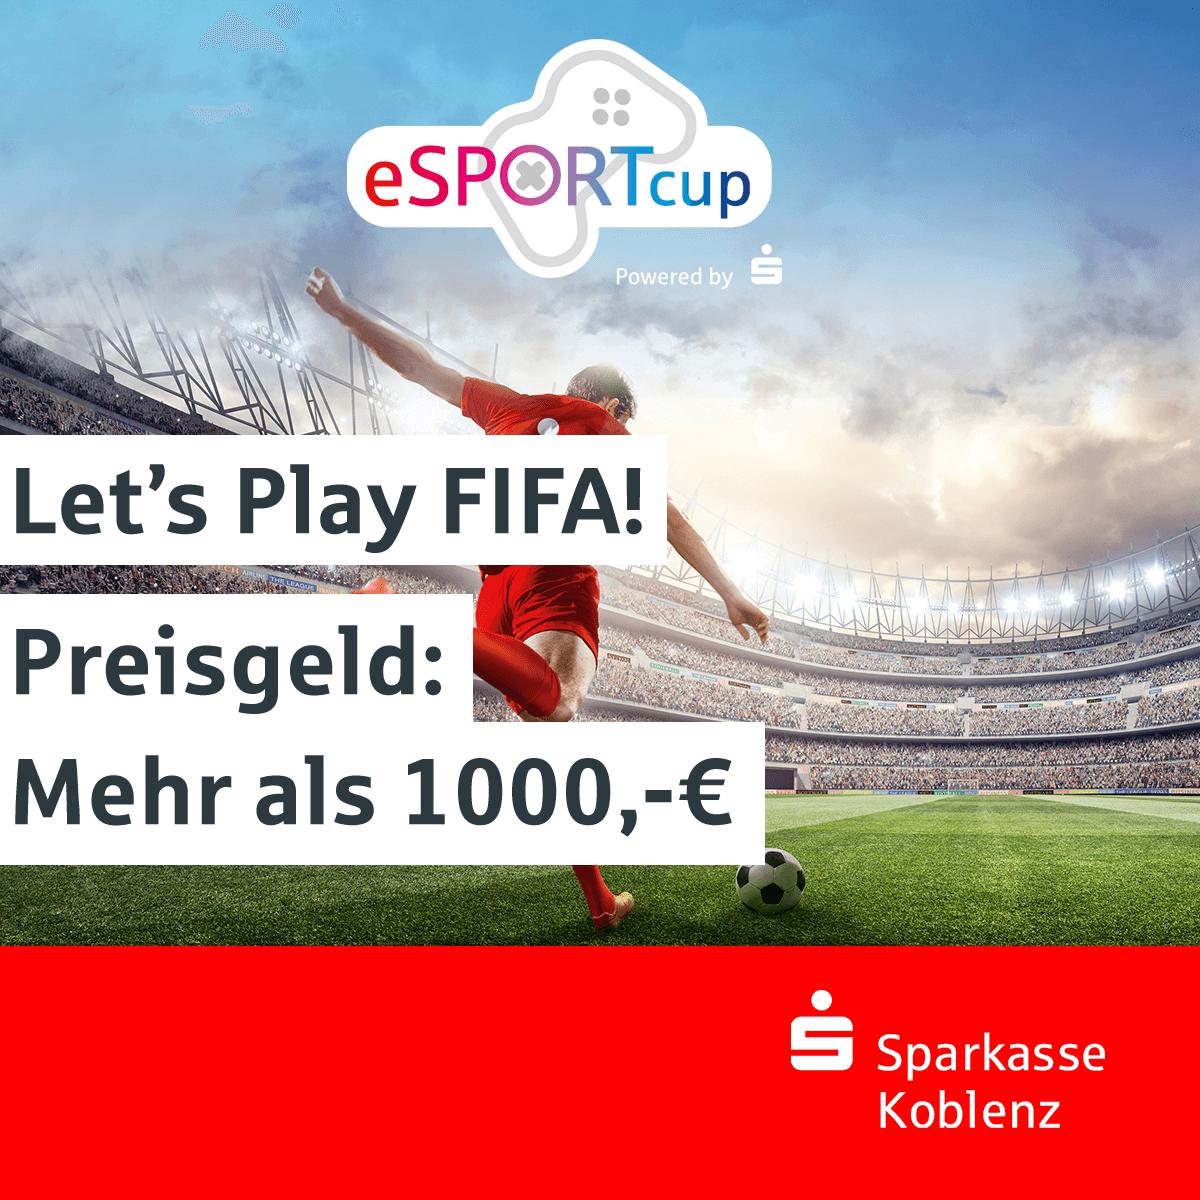 eSport-Cup der Sparkasse Koblenz